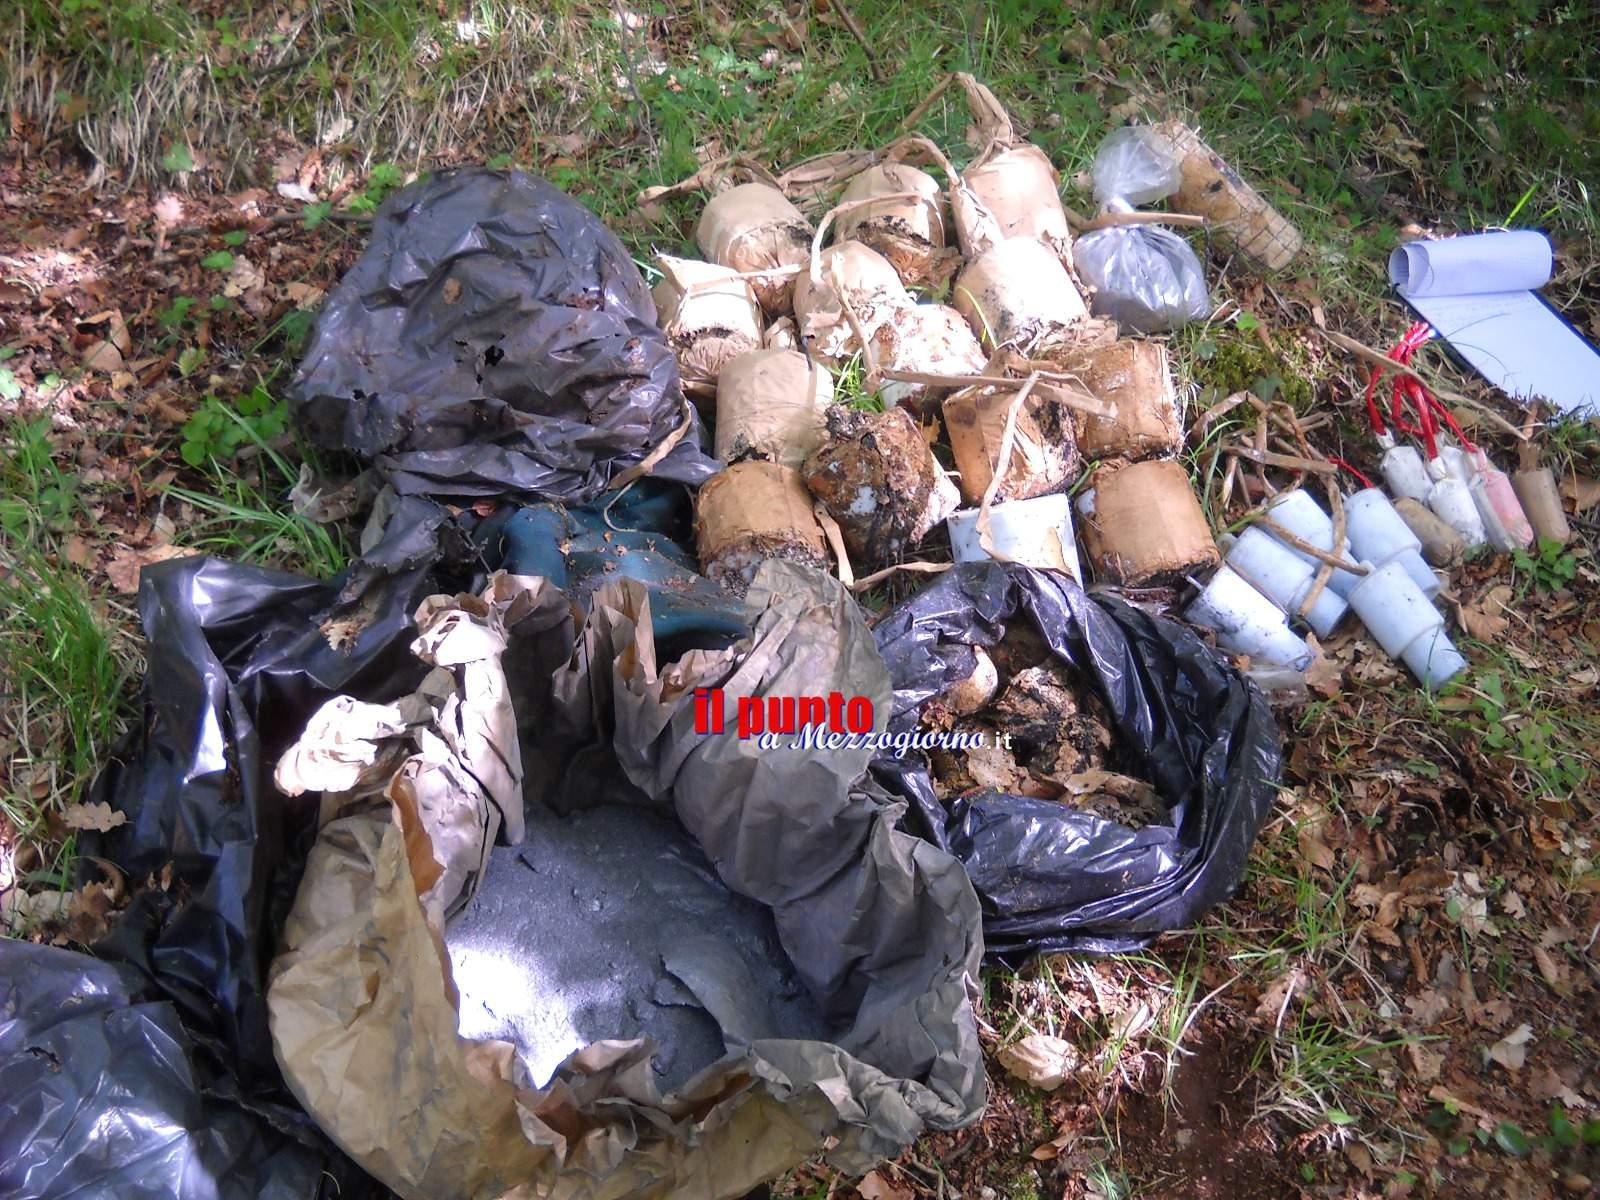 Botti abbandonati nella piazzola di sosta a Campoli Appennino, la Forestale li trova e sequestra